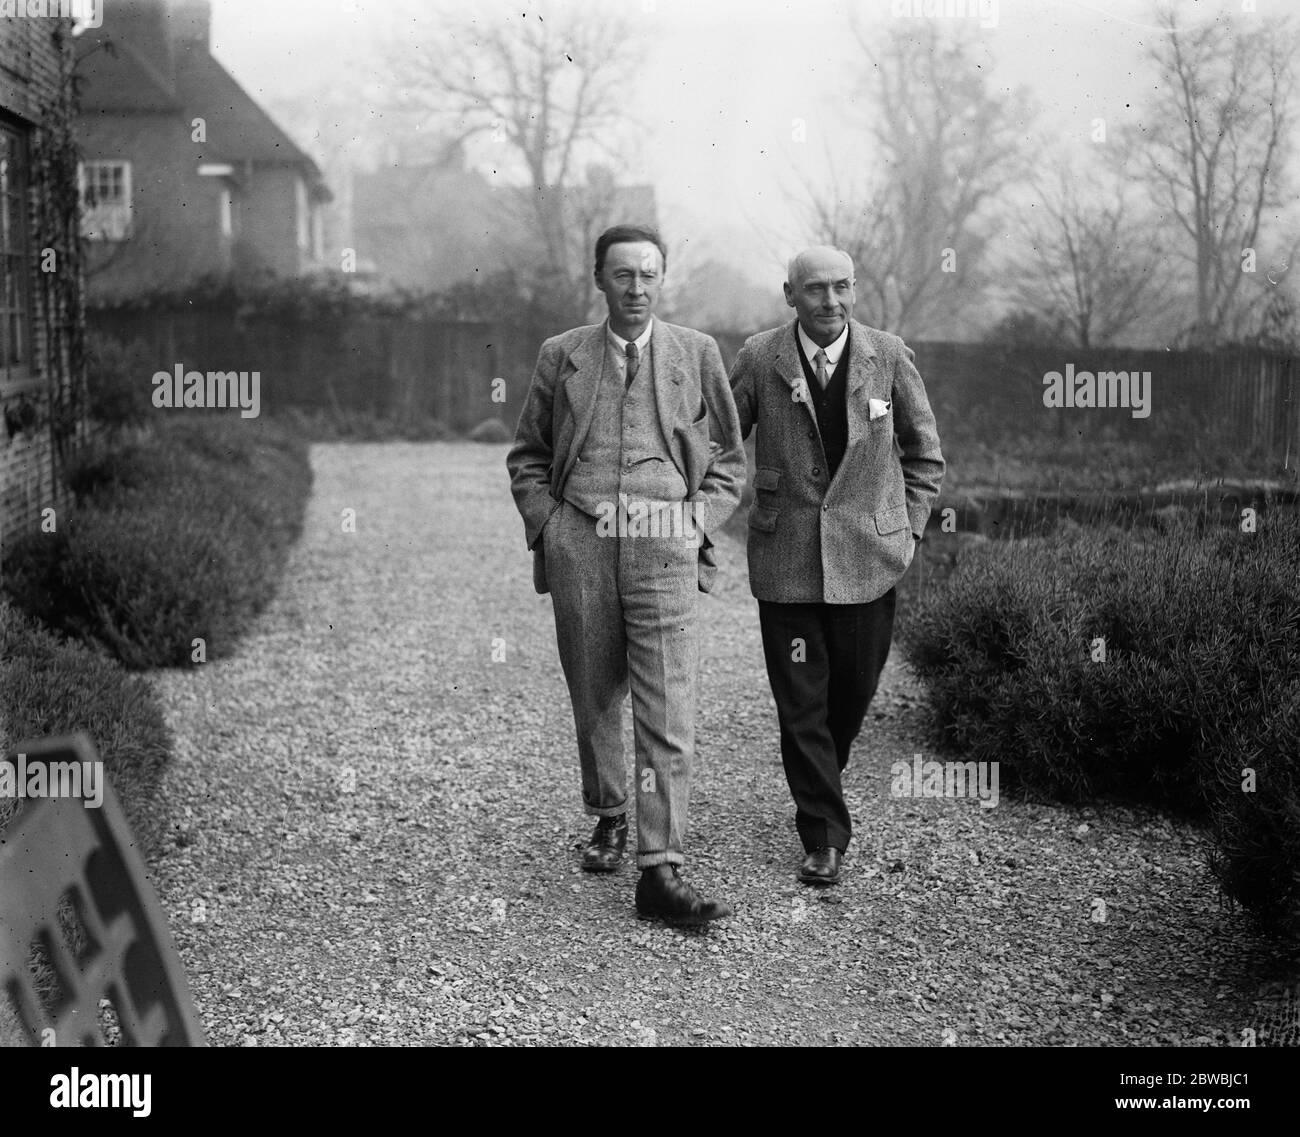 Labors champion de prélèvement de capital à Leicester M. Pethick Lawrence , le candidat travailliste à leicester avec M. H Peach son hôte 21 novembre 1923 Banque D'Images